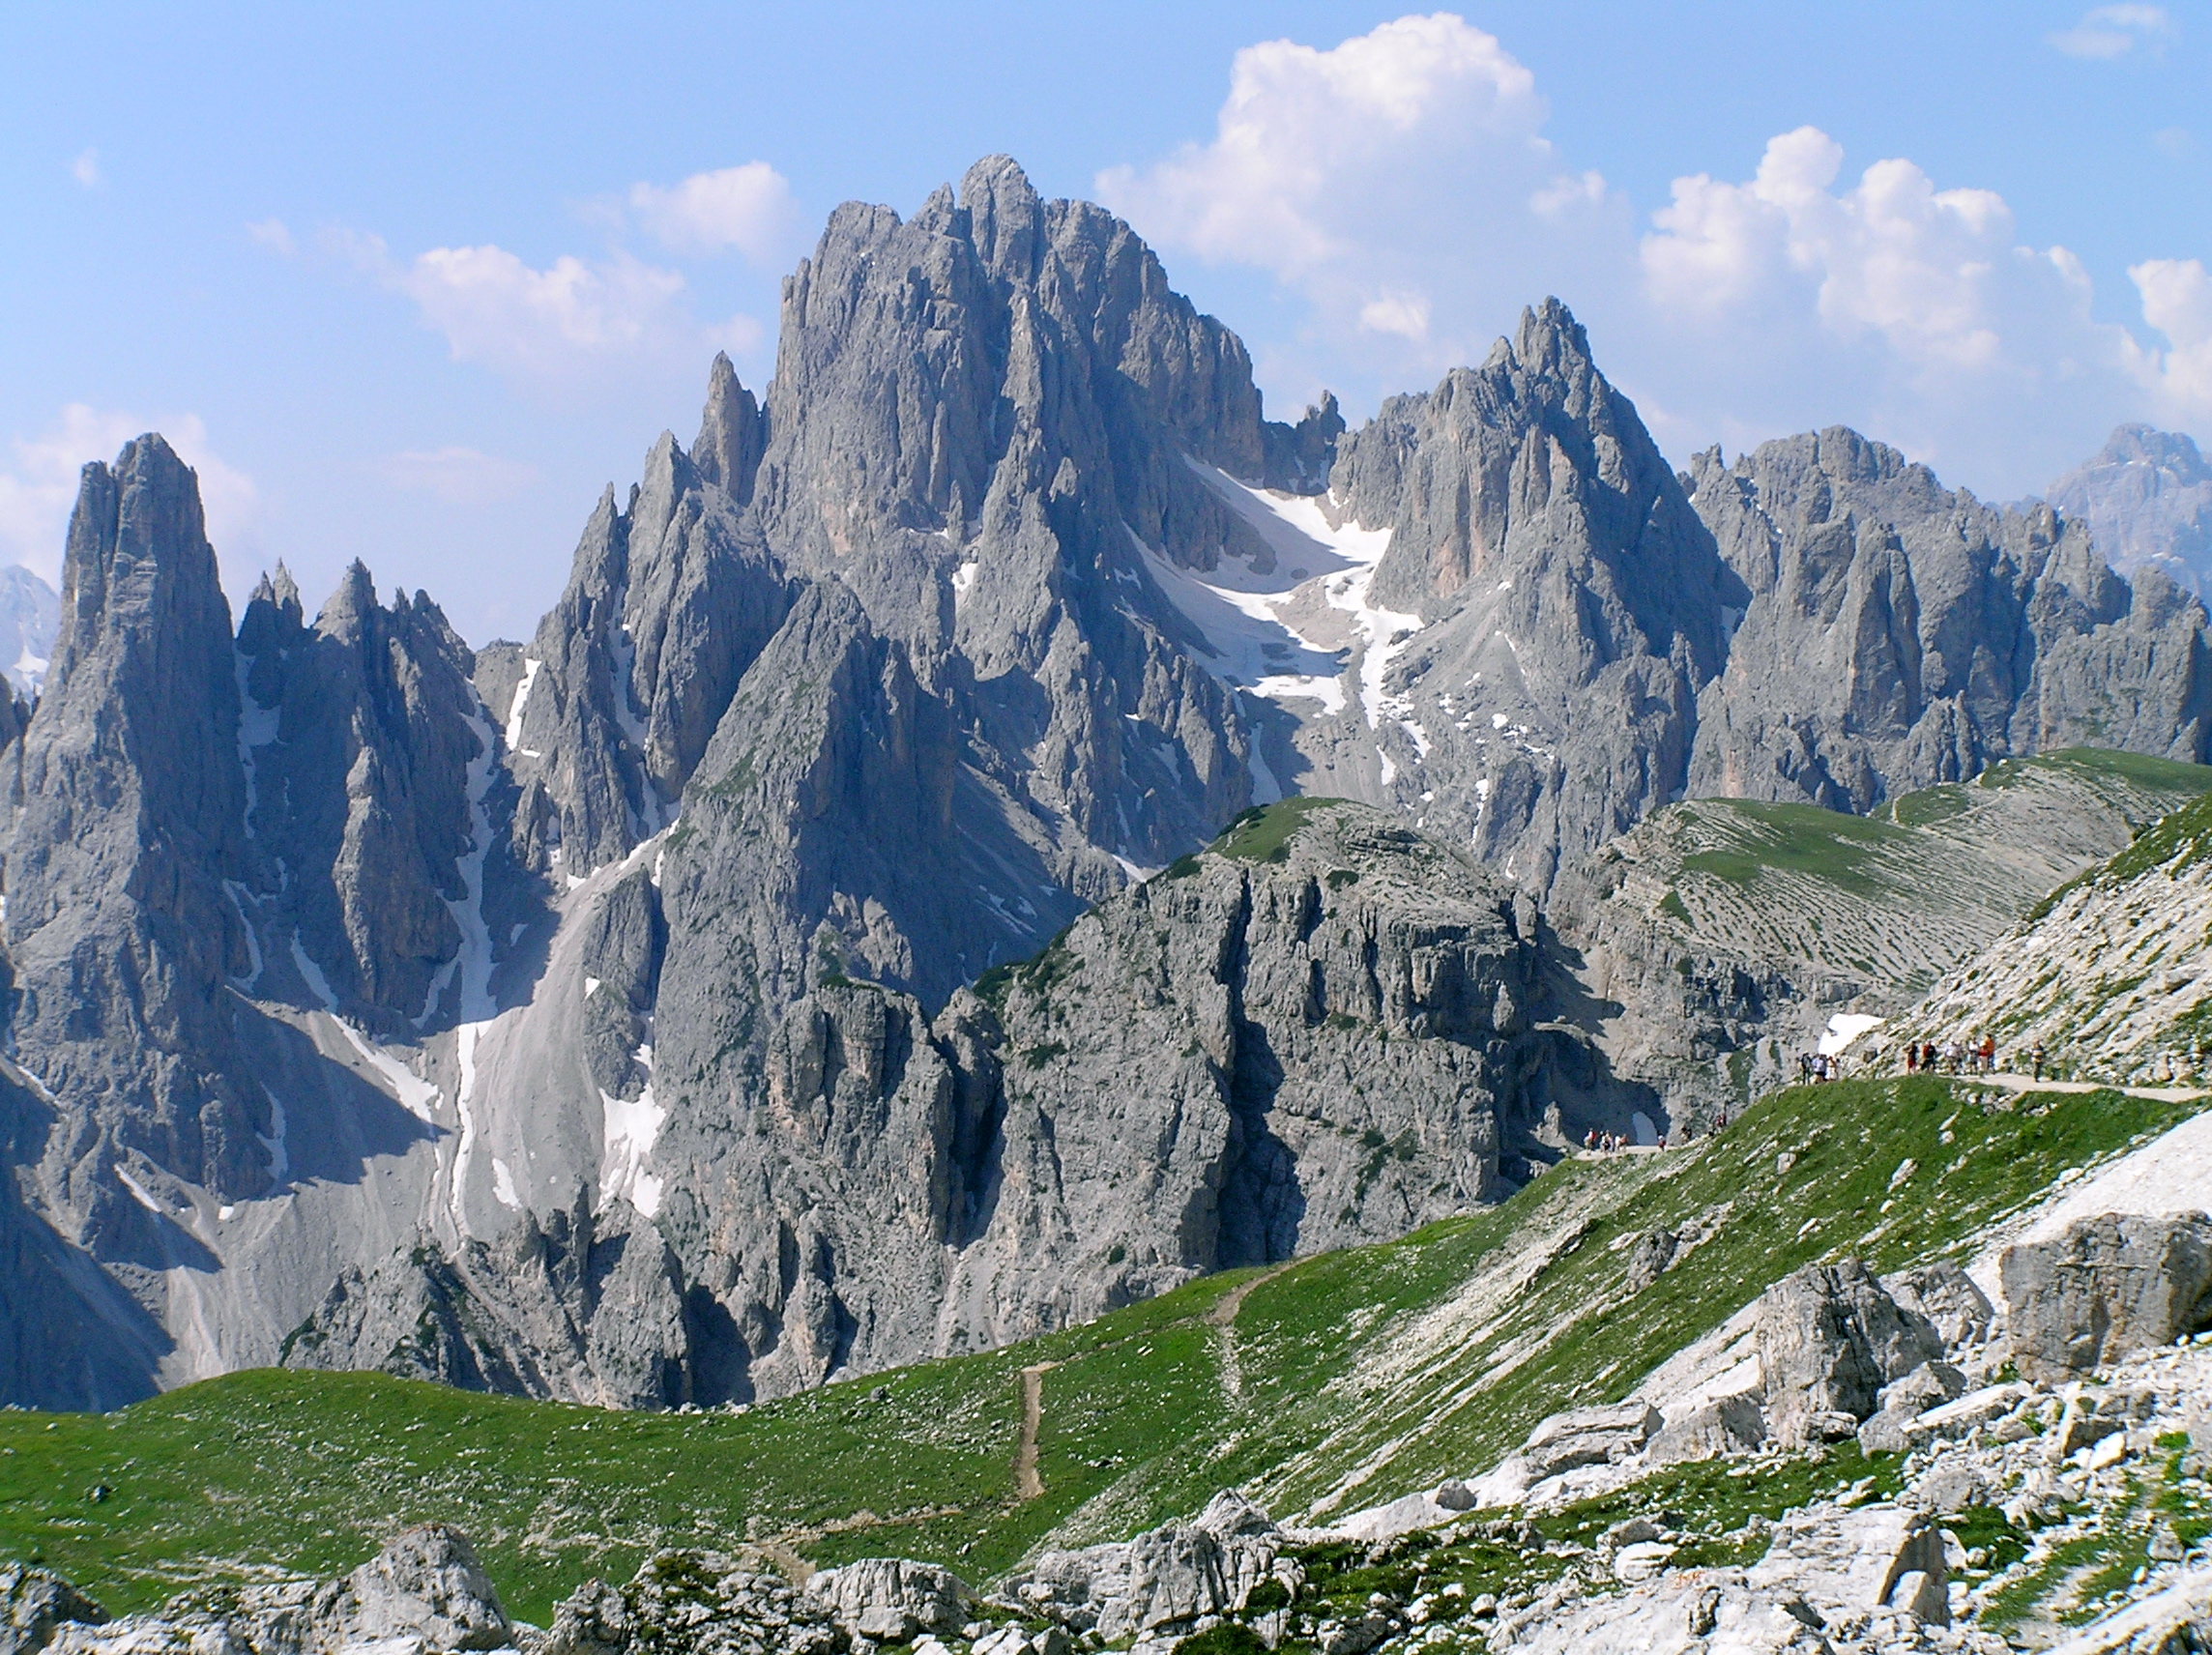 イタリア ドロミテ岩峰